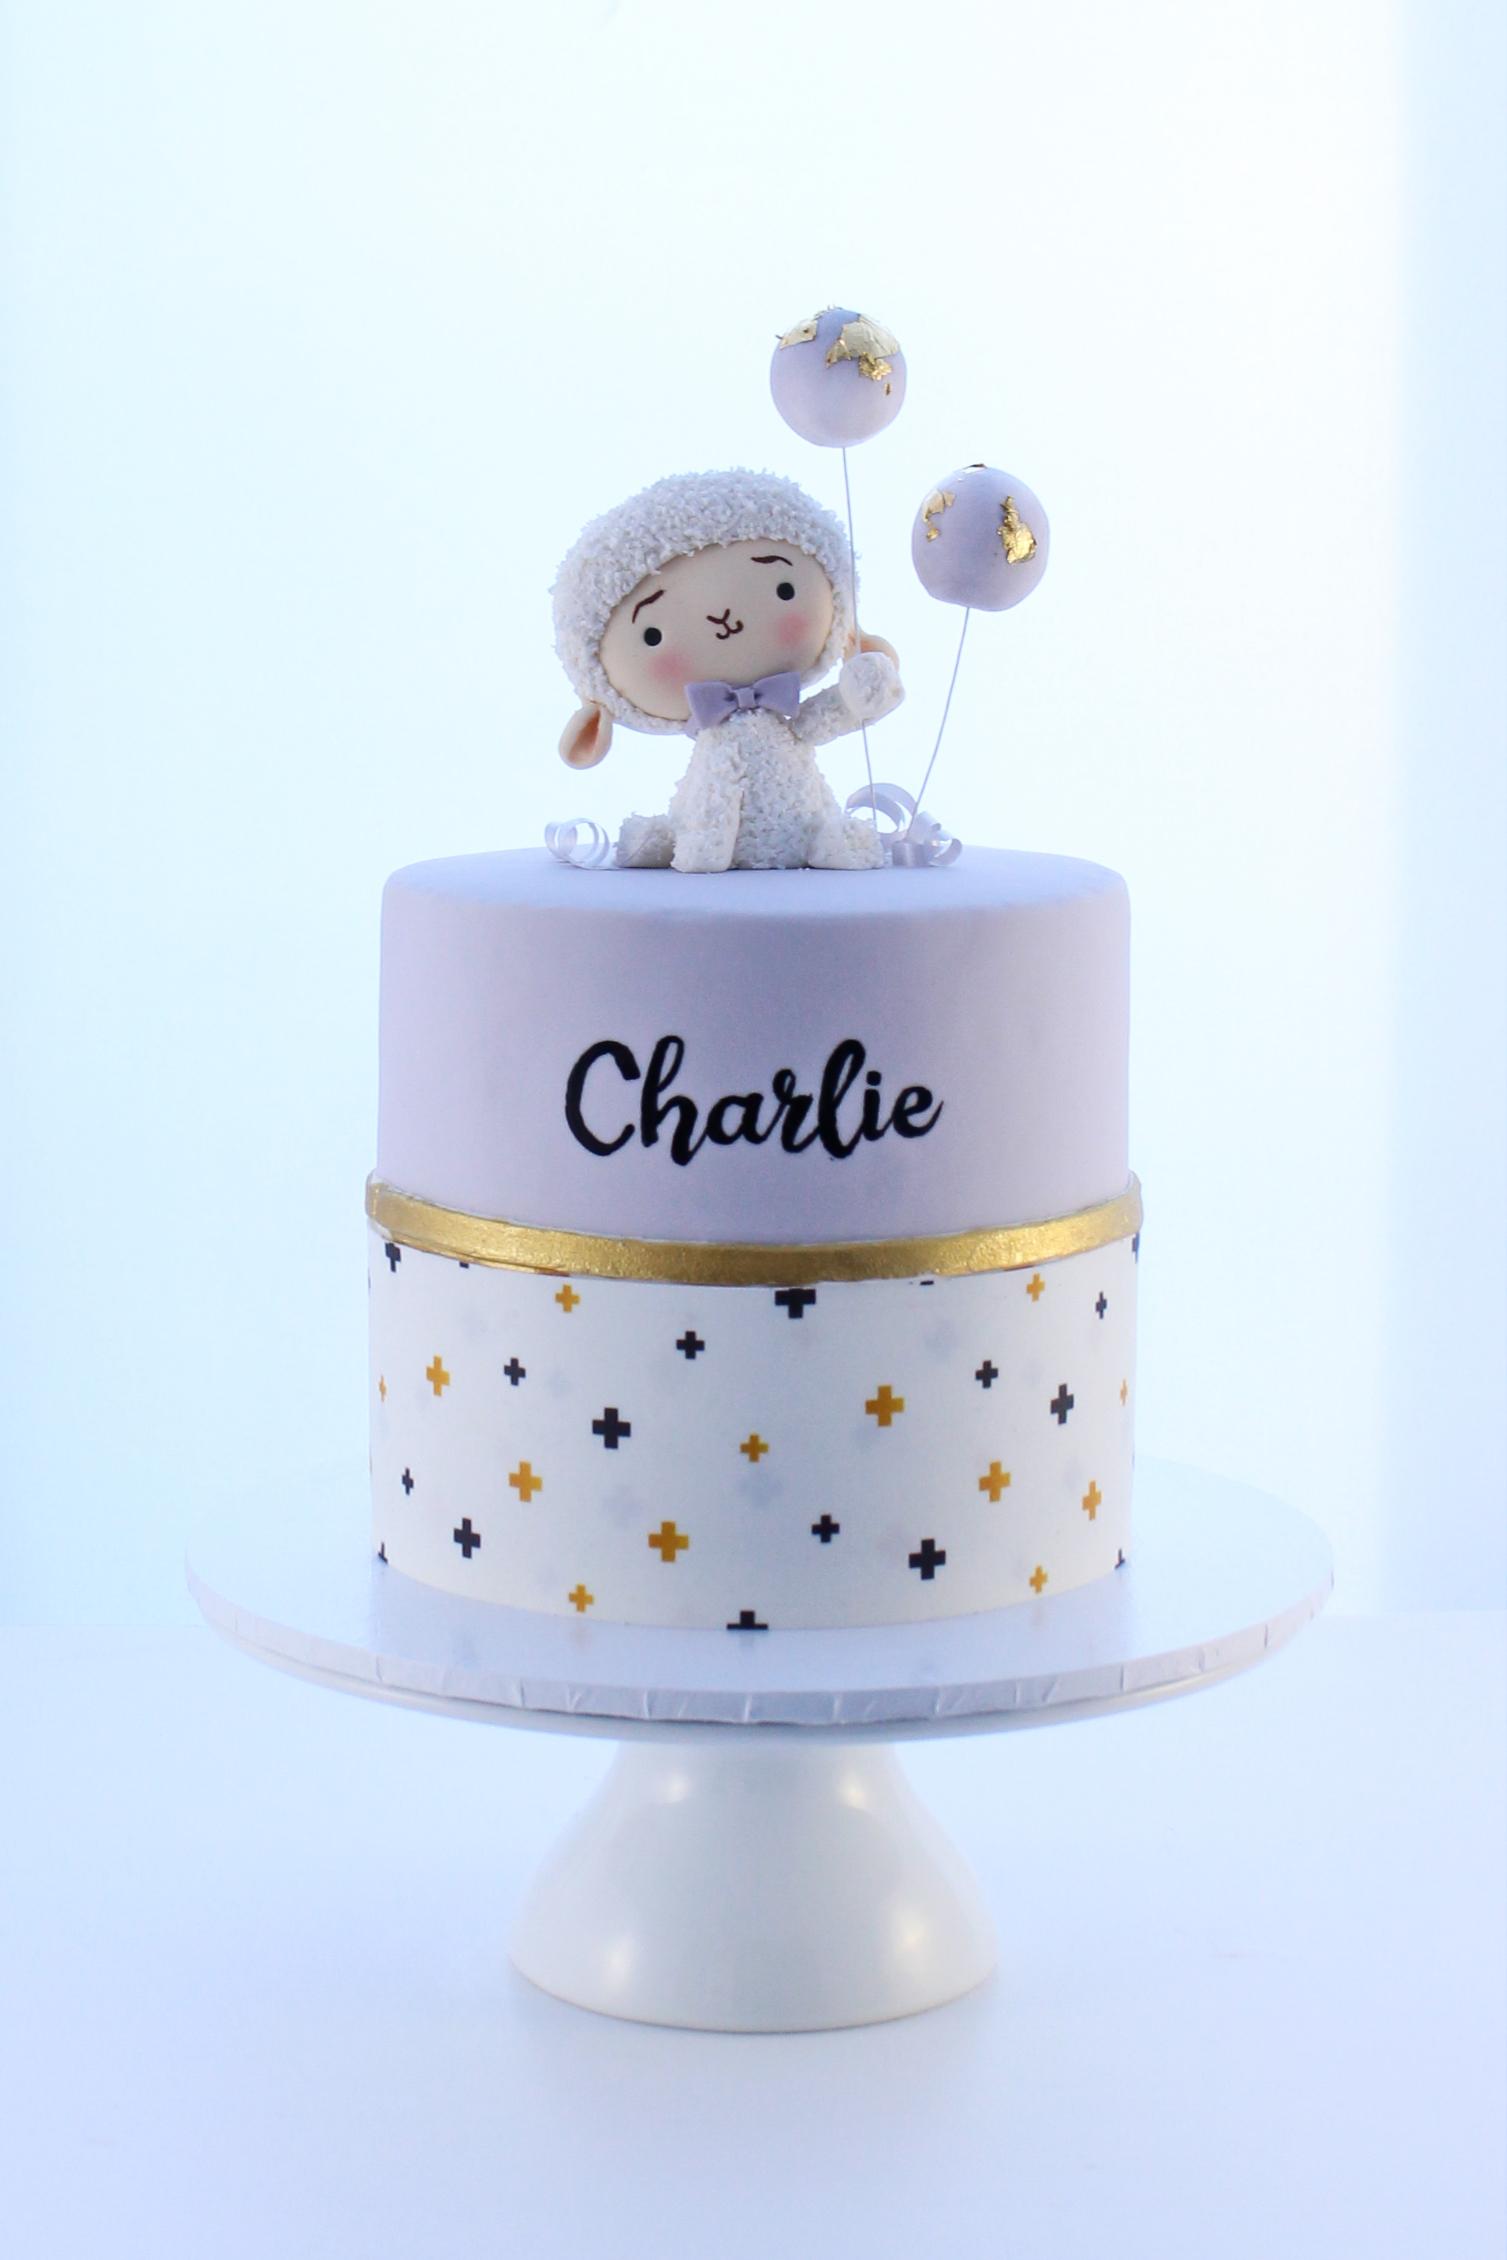 CHARLIESECONDBIRTHDAYCAKECROP.jpg